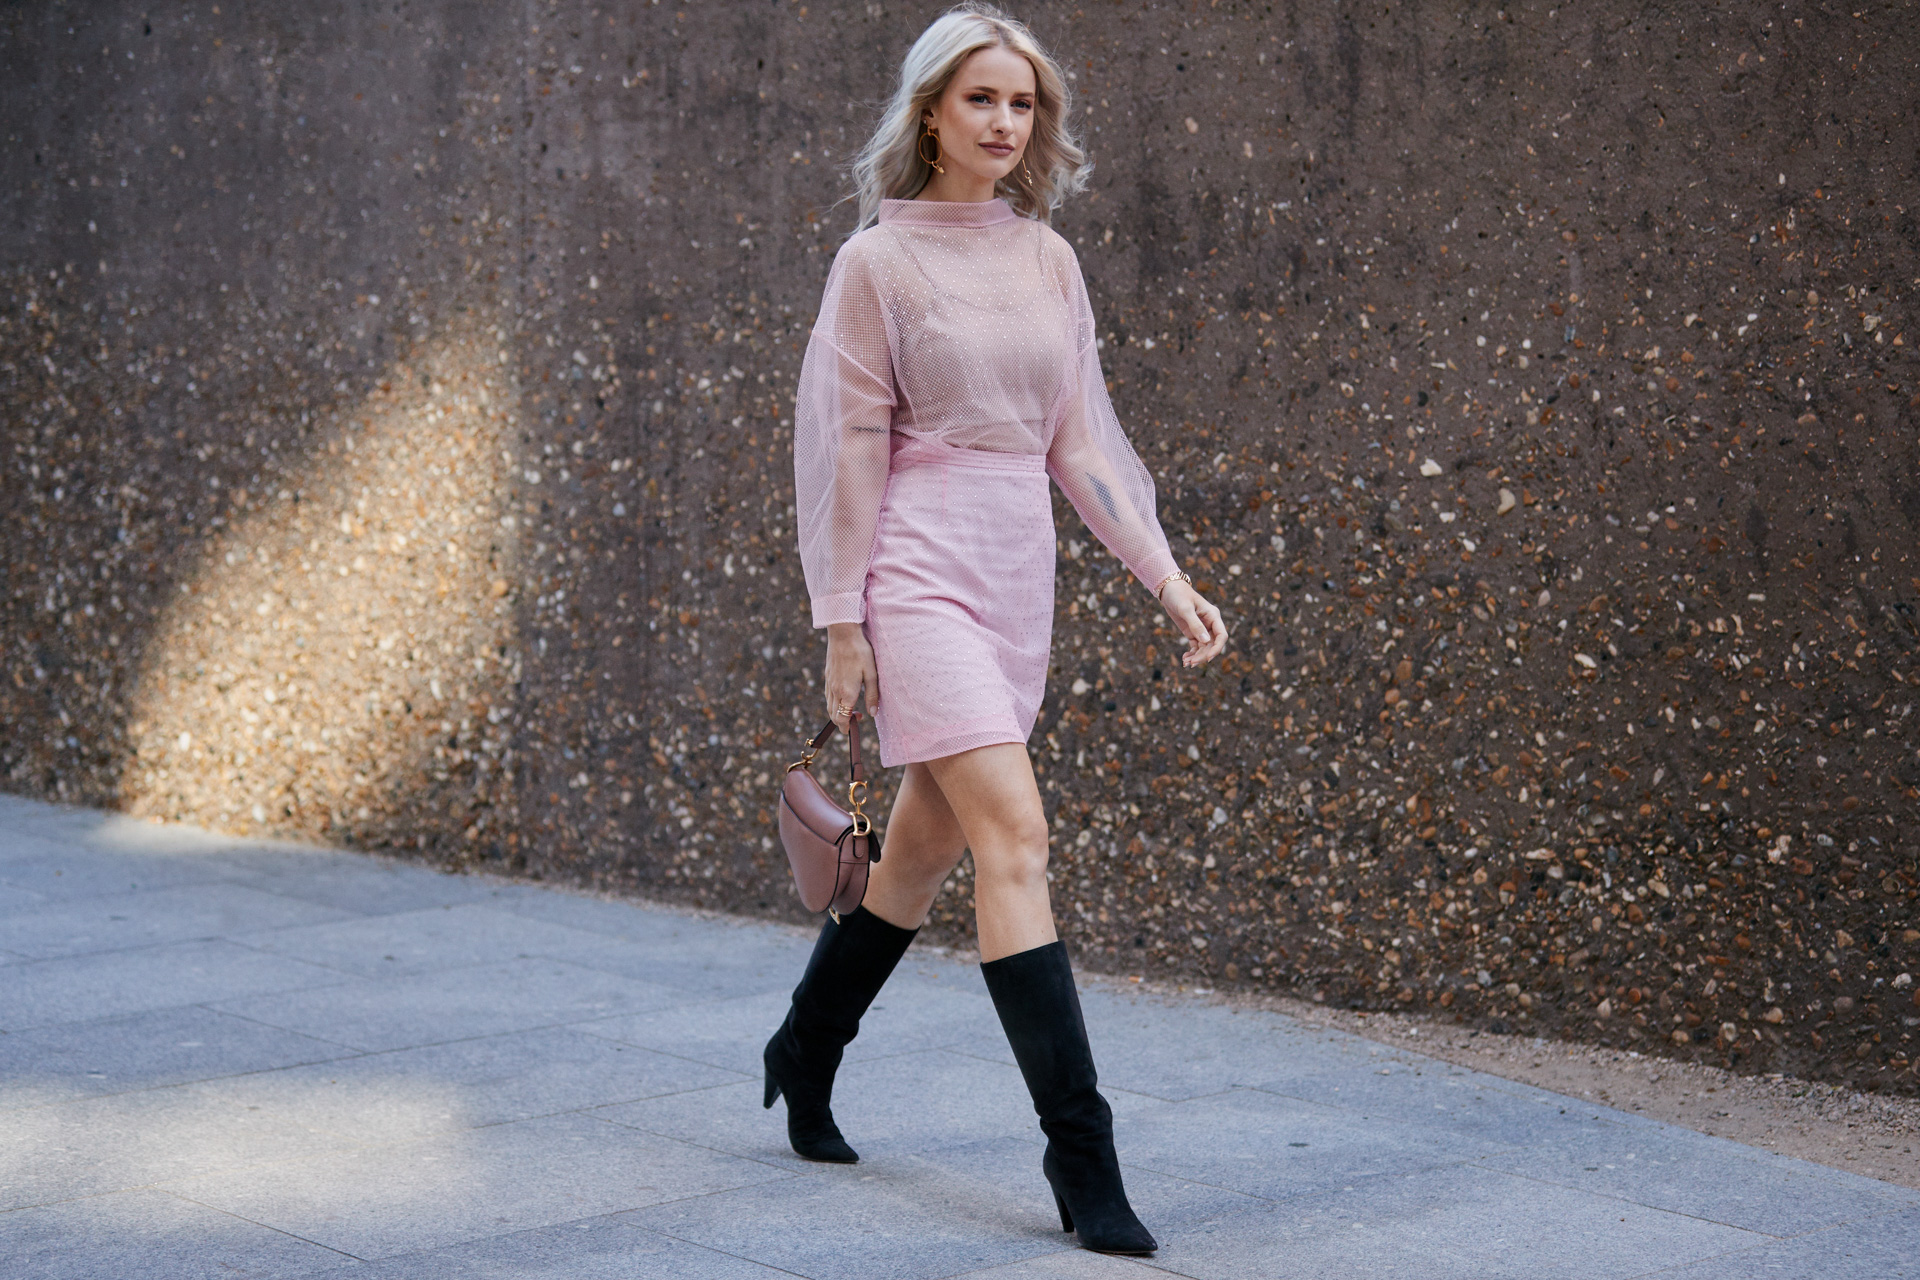 Street style mùa Hè với áo mỏng và chân váy màu pastel